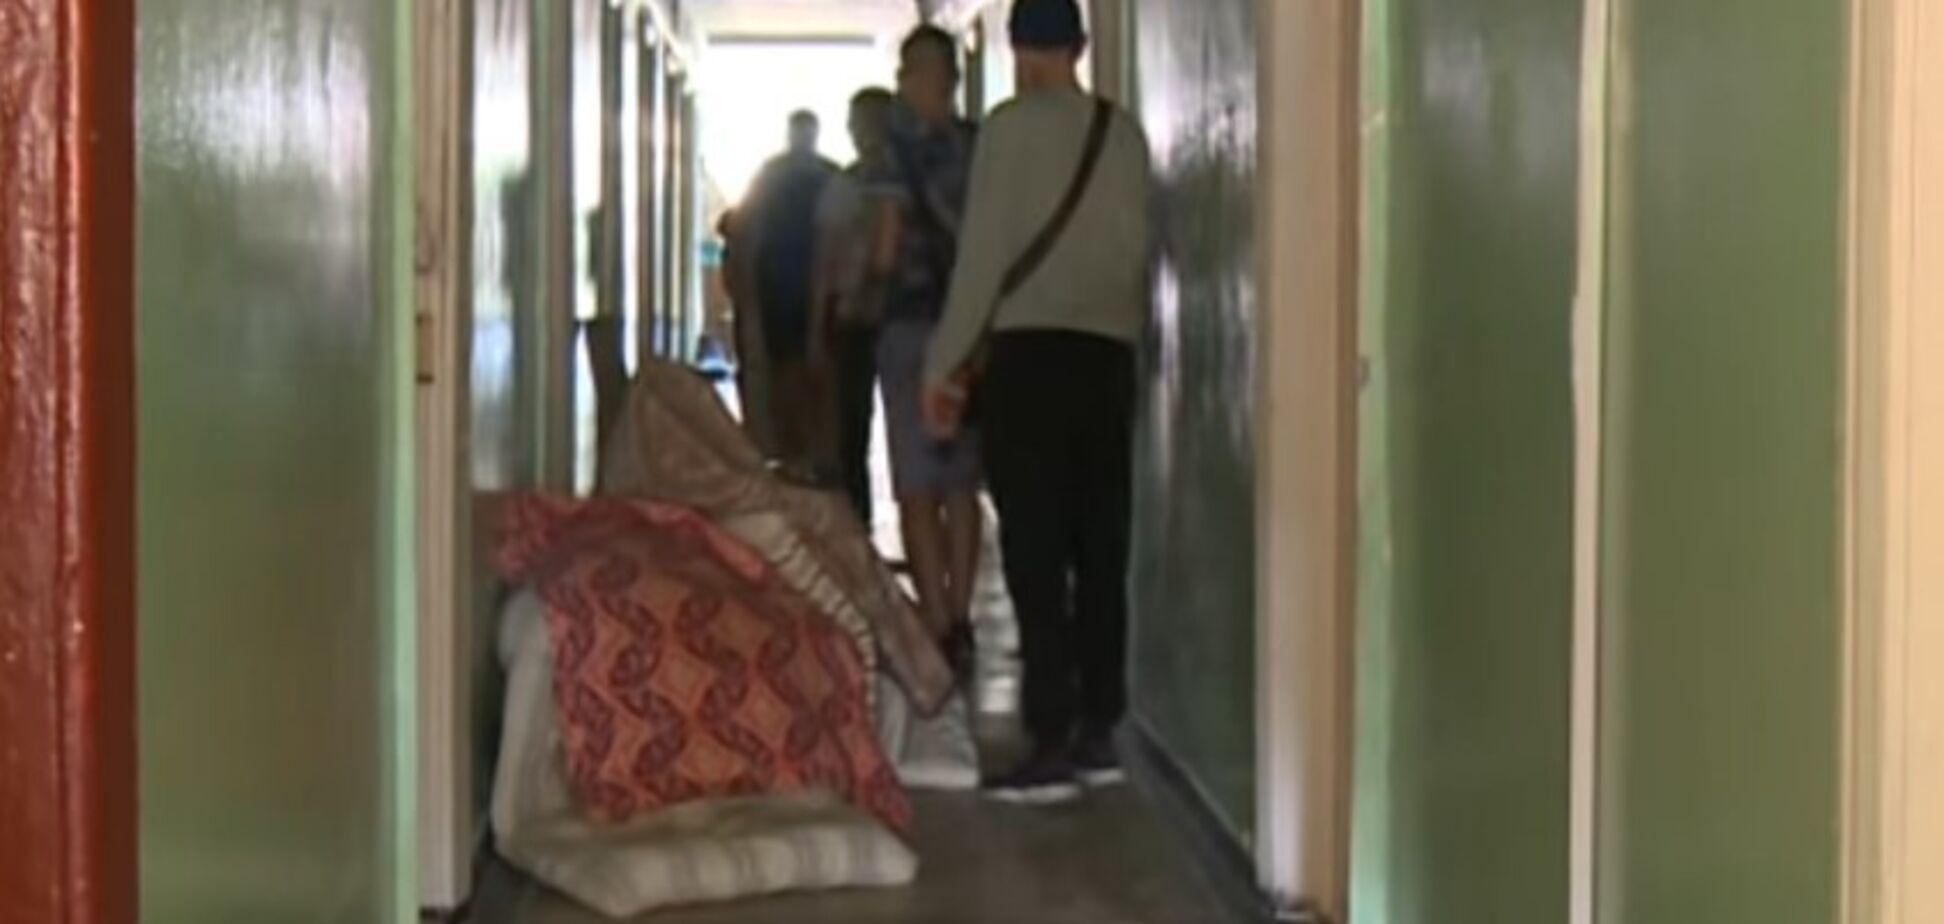 Тараканы и разбитые окна: СМИ показали жуть в общежитии известного в Украине вуза